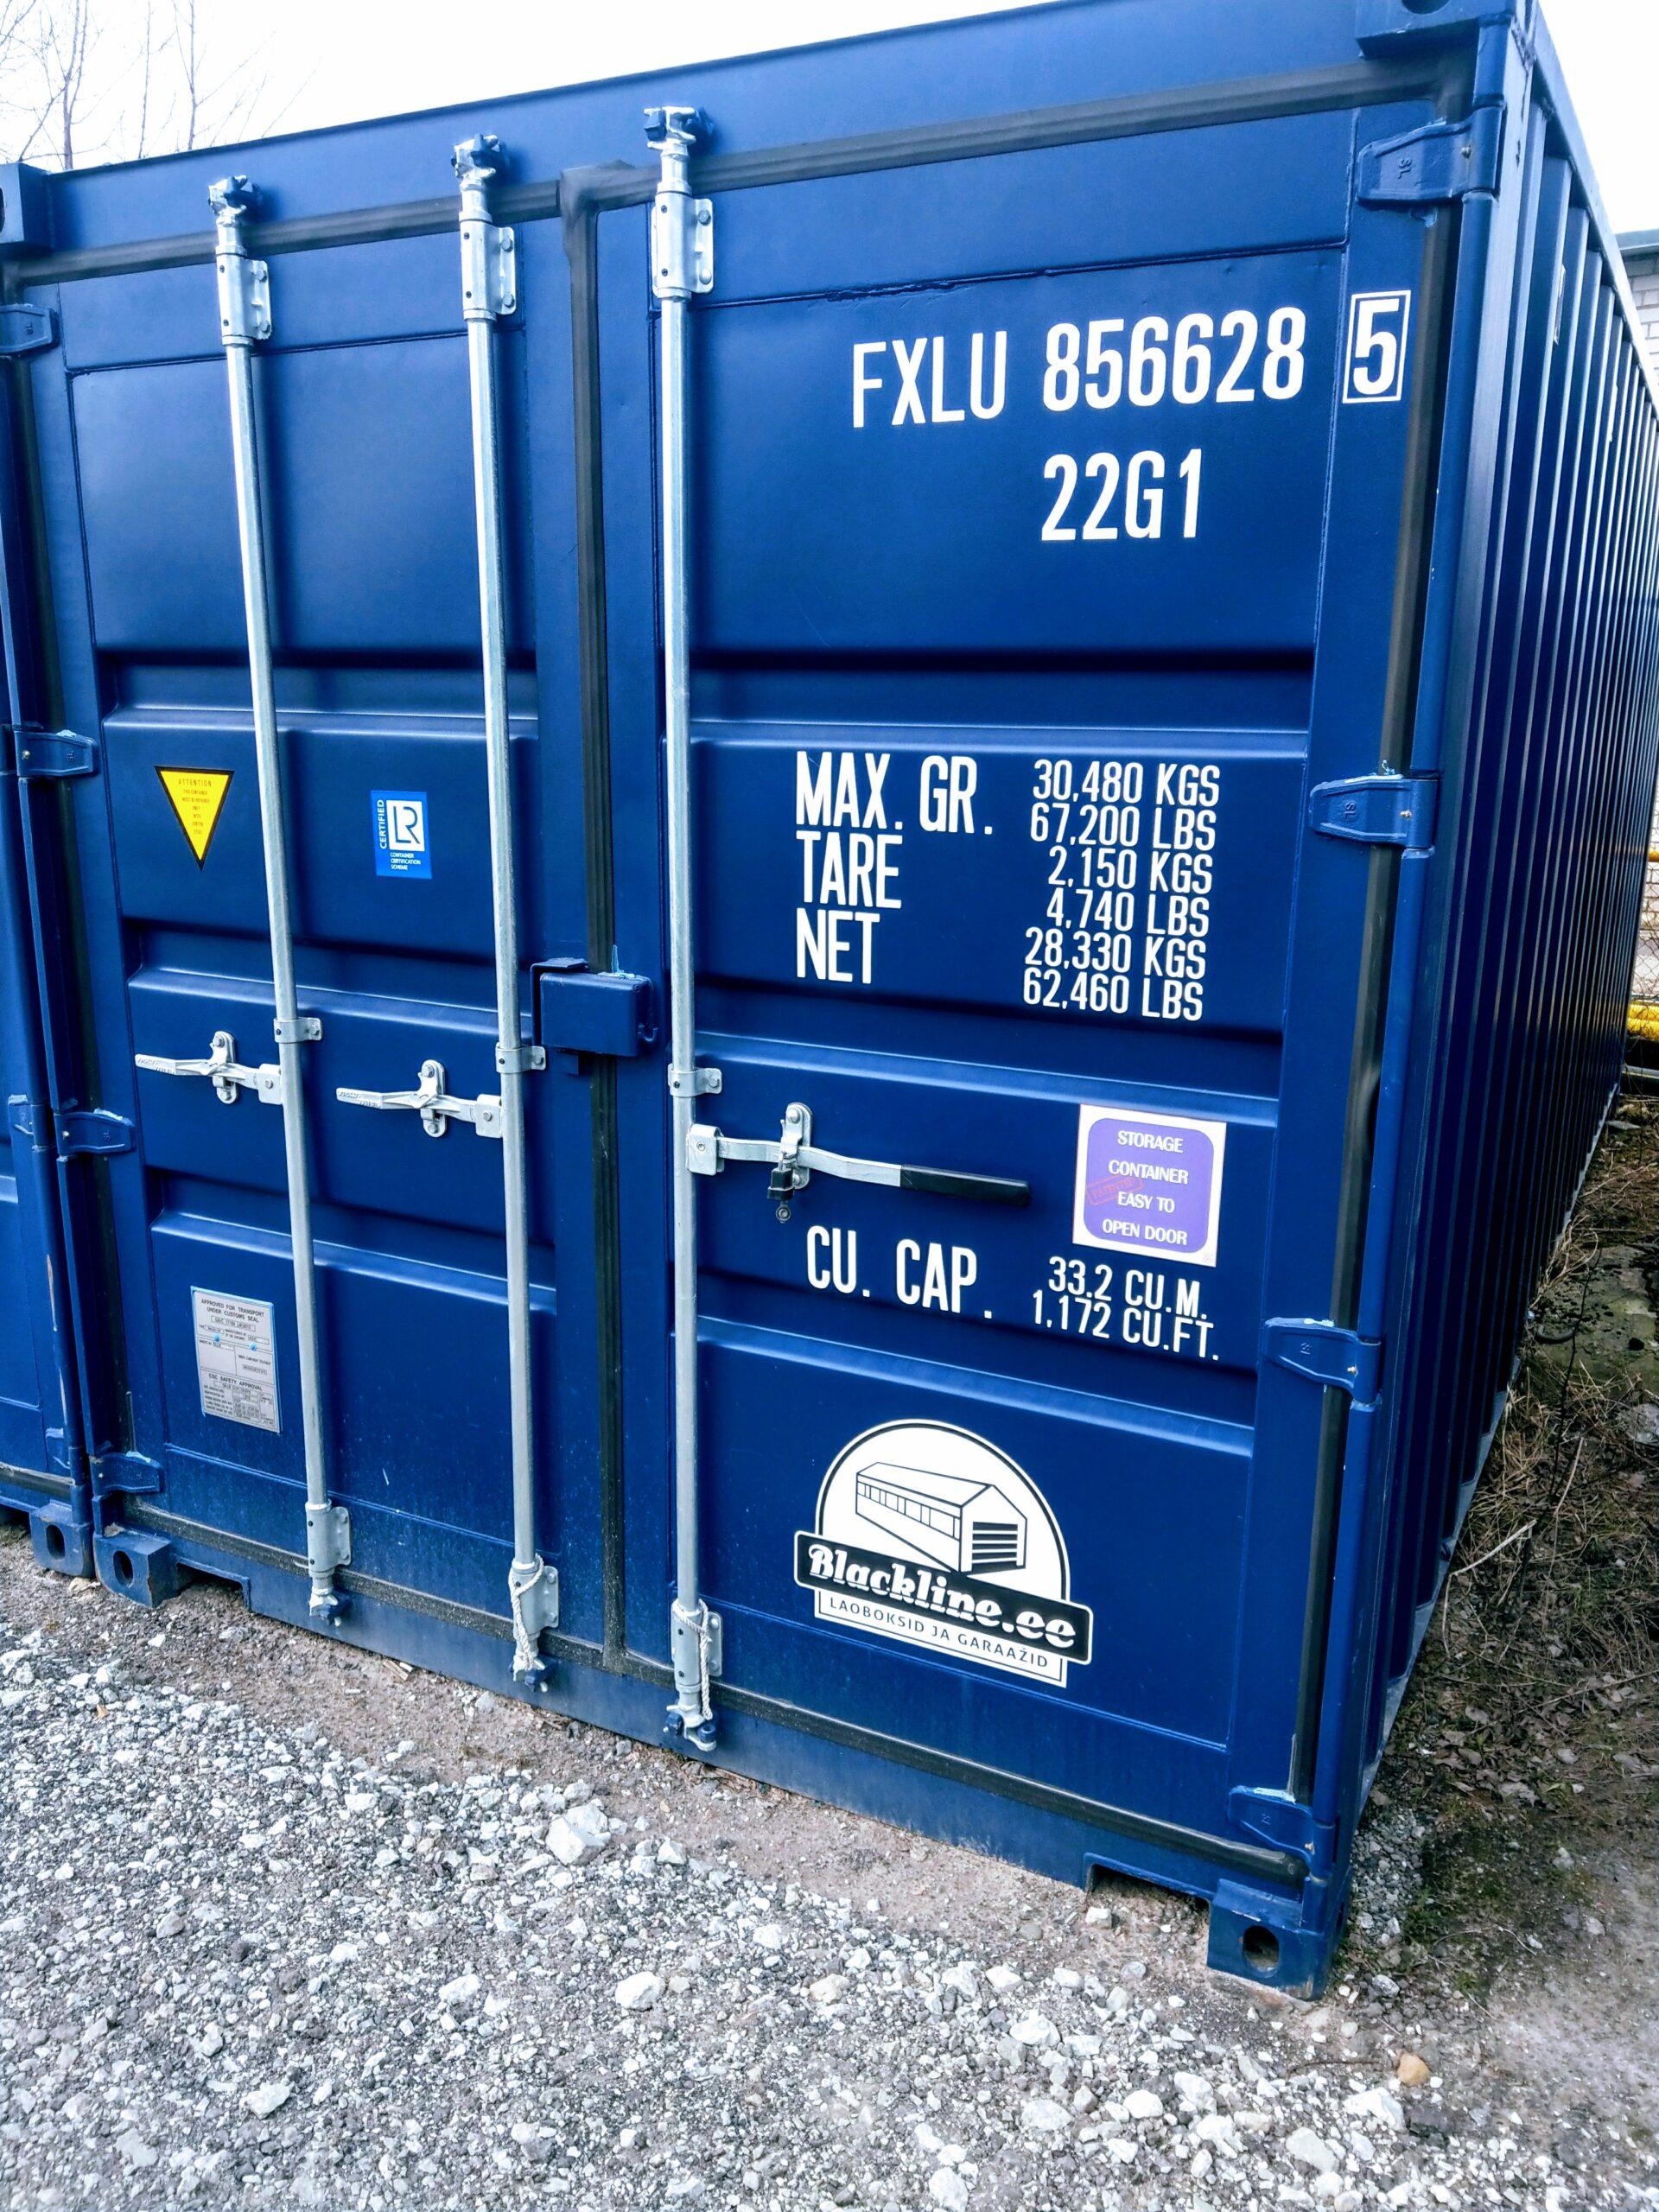 Uus konteinerladu NR 3 – FXLU8566285